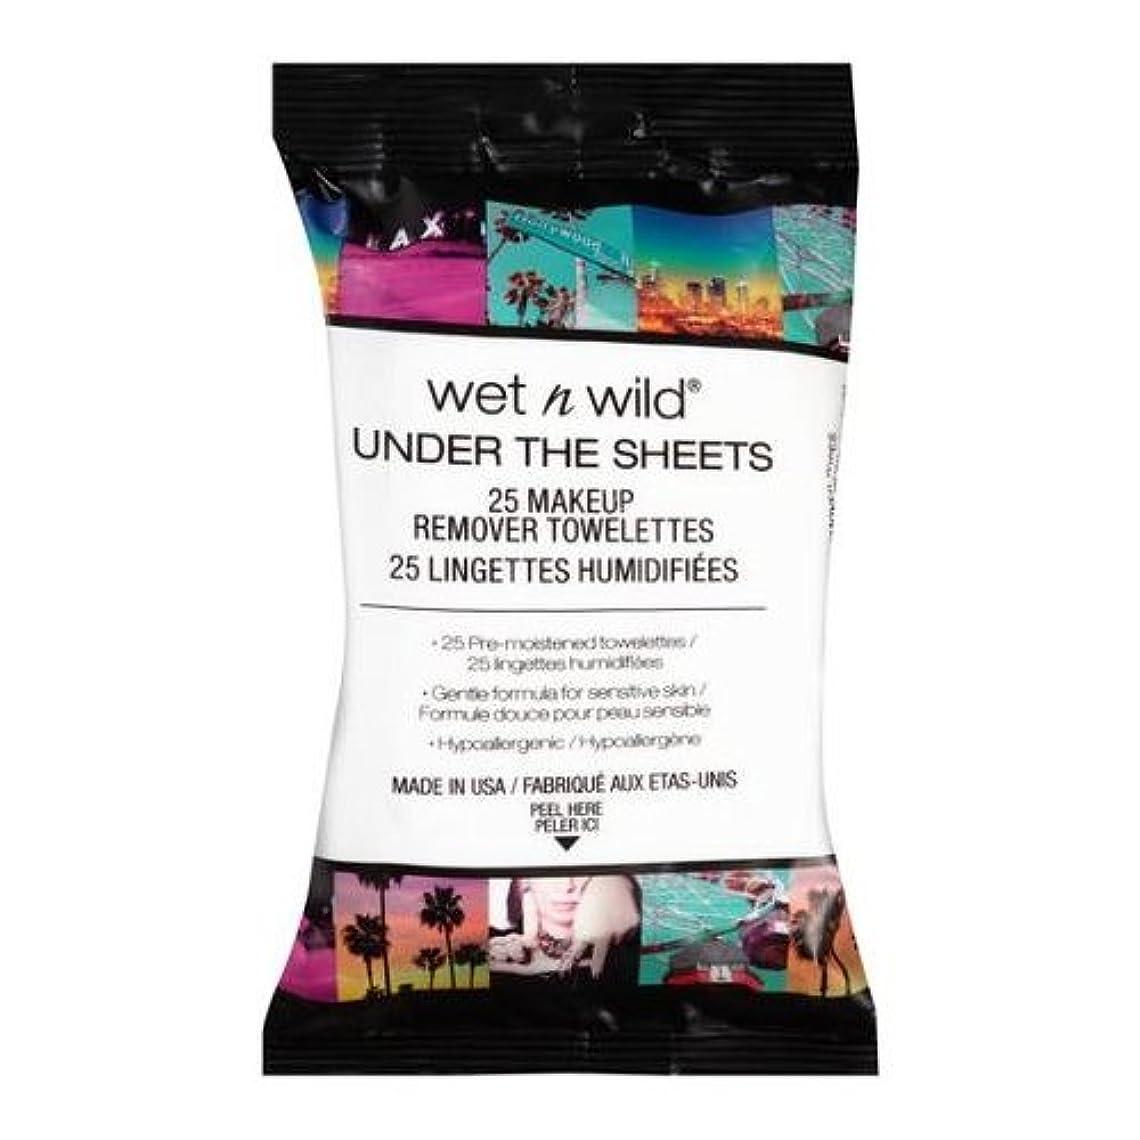 不正確編集する交流する(6 Pack) WET N WILD Under the Sheets Makeup Remover Wipes - 25 Towelettes (並行輸入品)